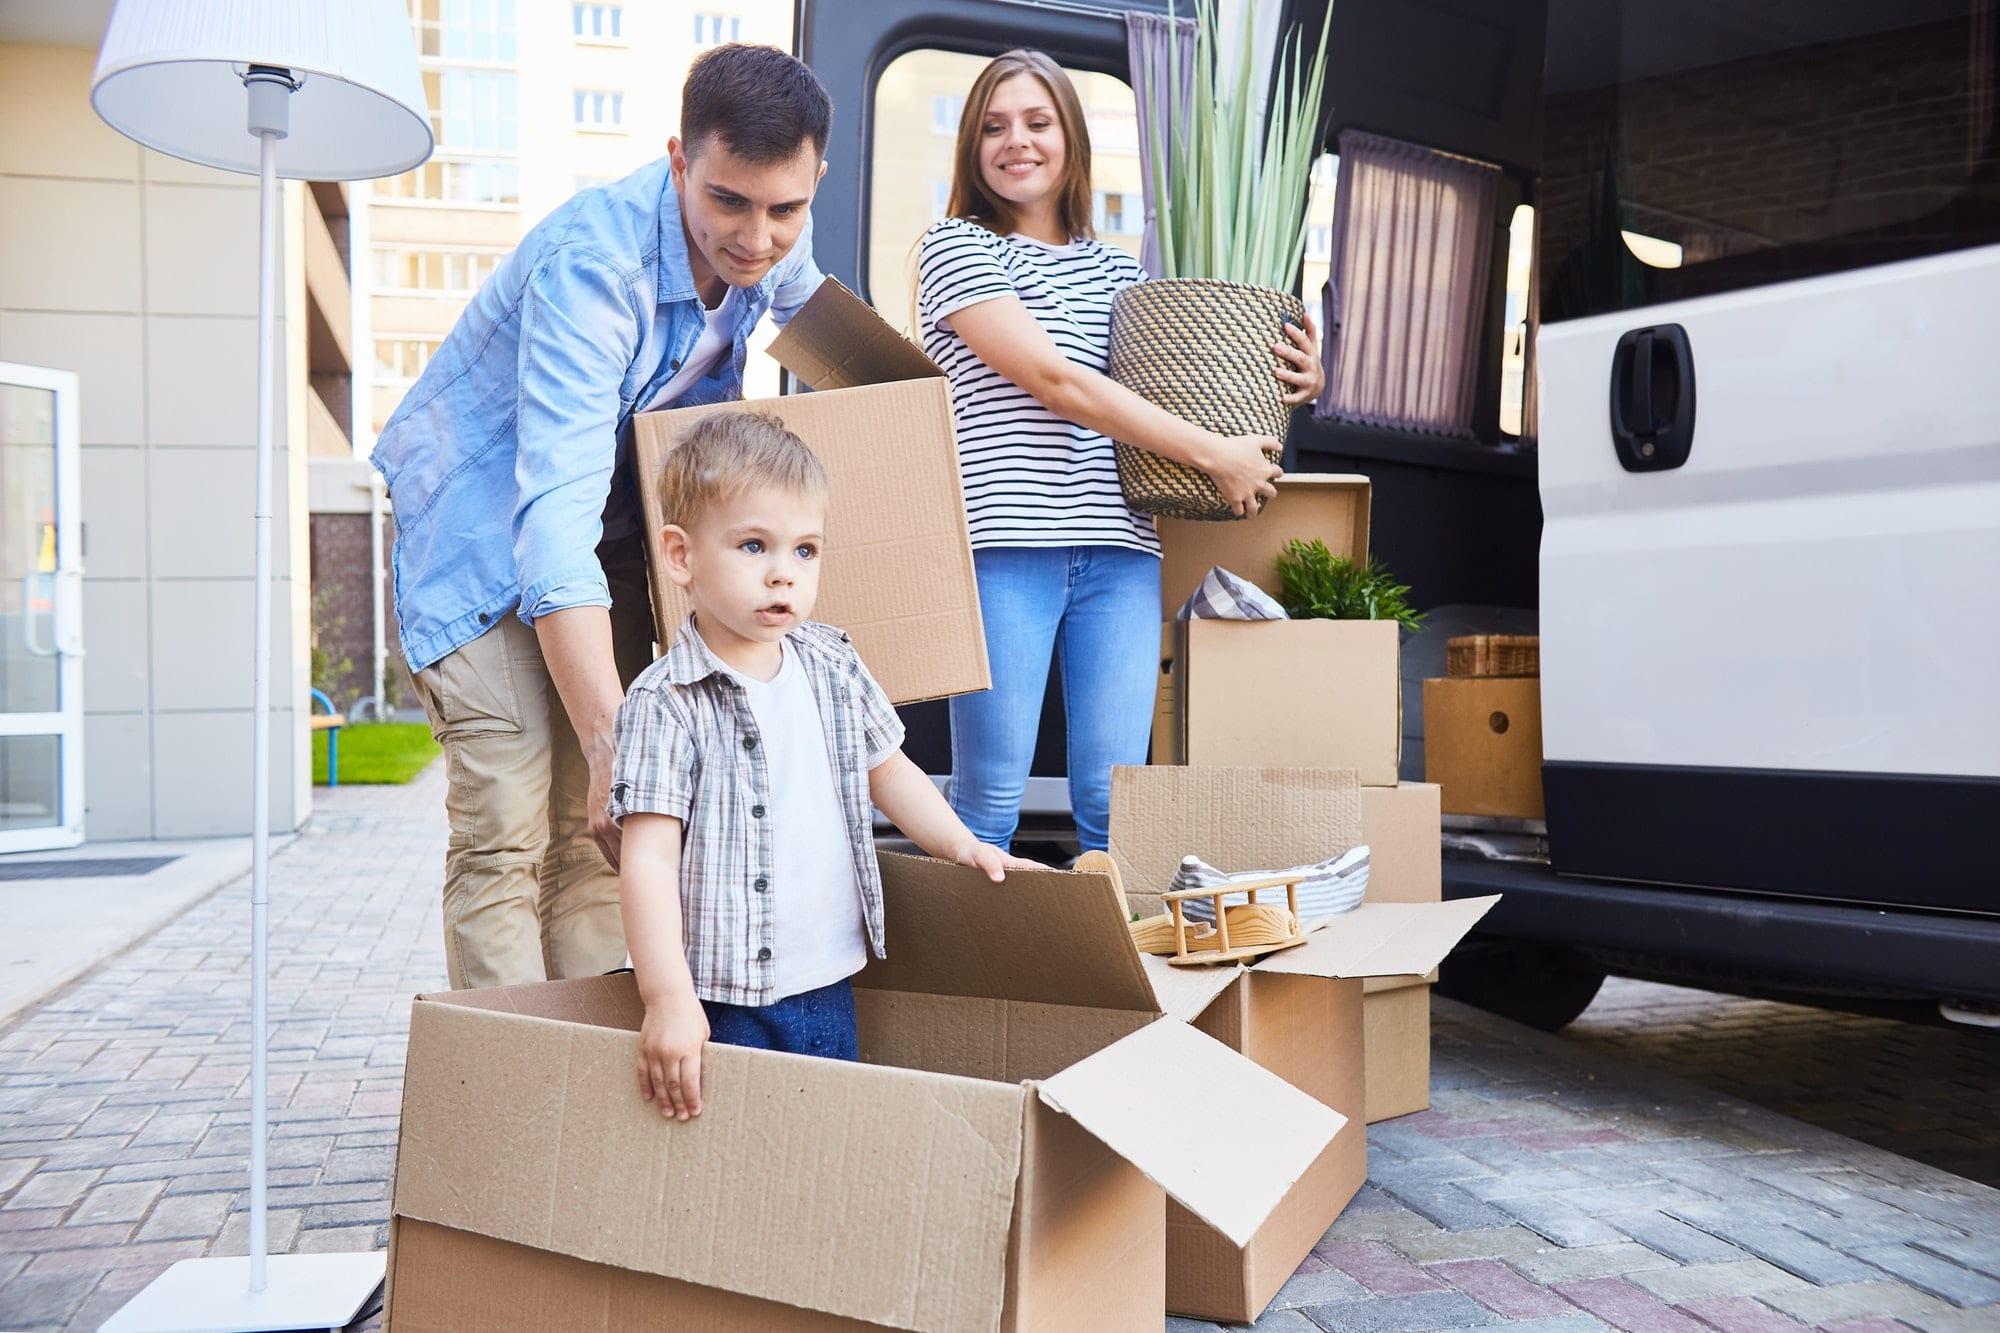 Furniture removals Helensvale